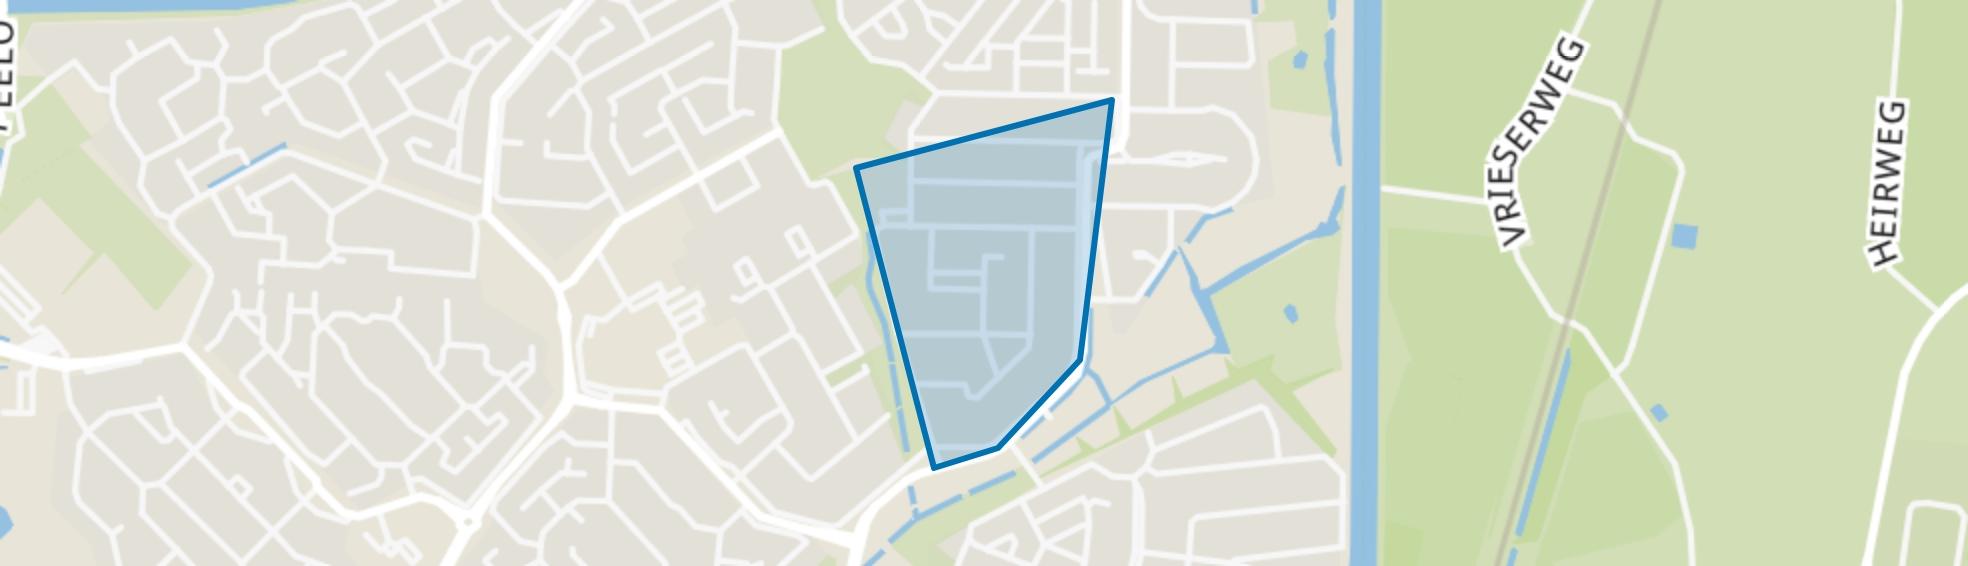 De Hullen, Assen map